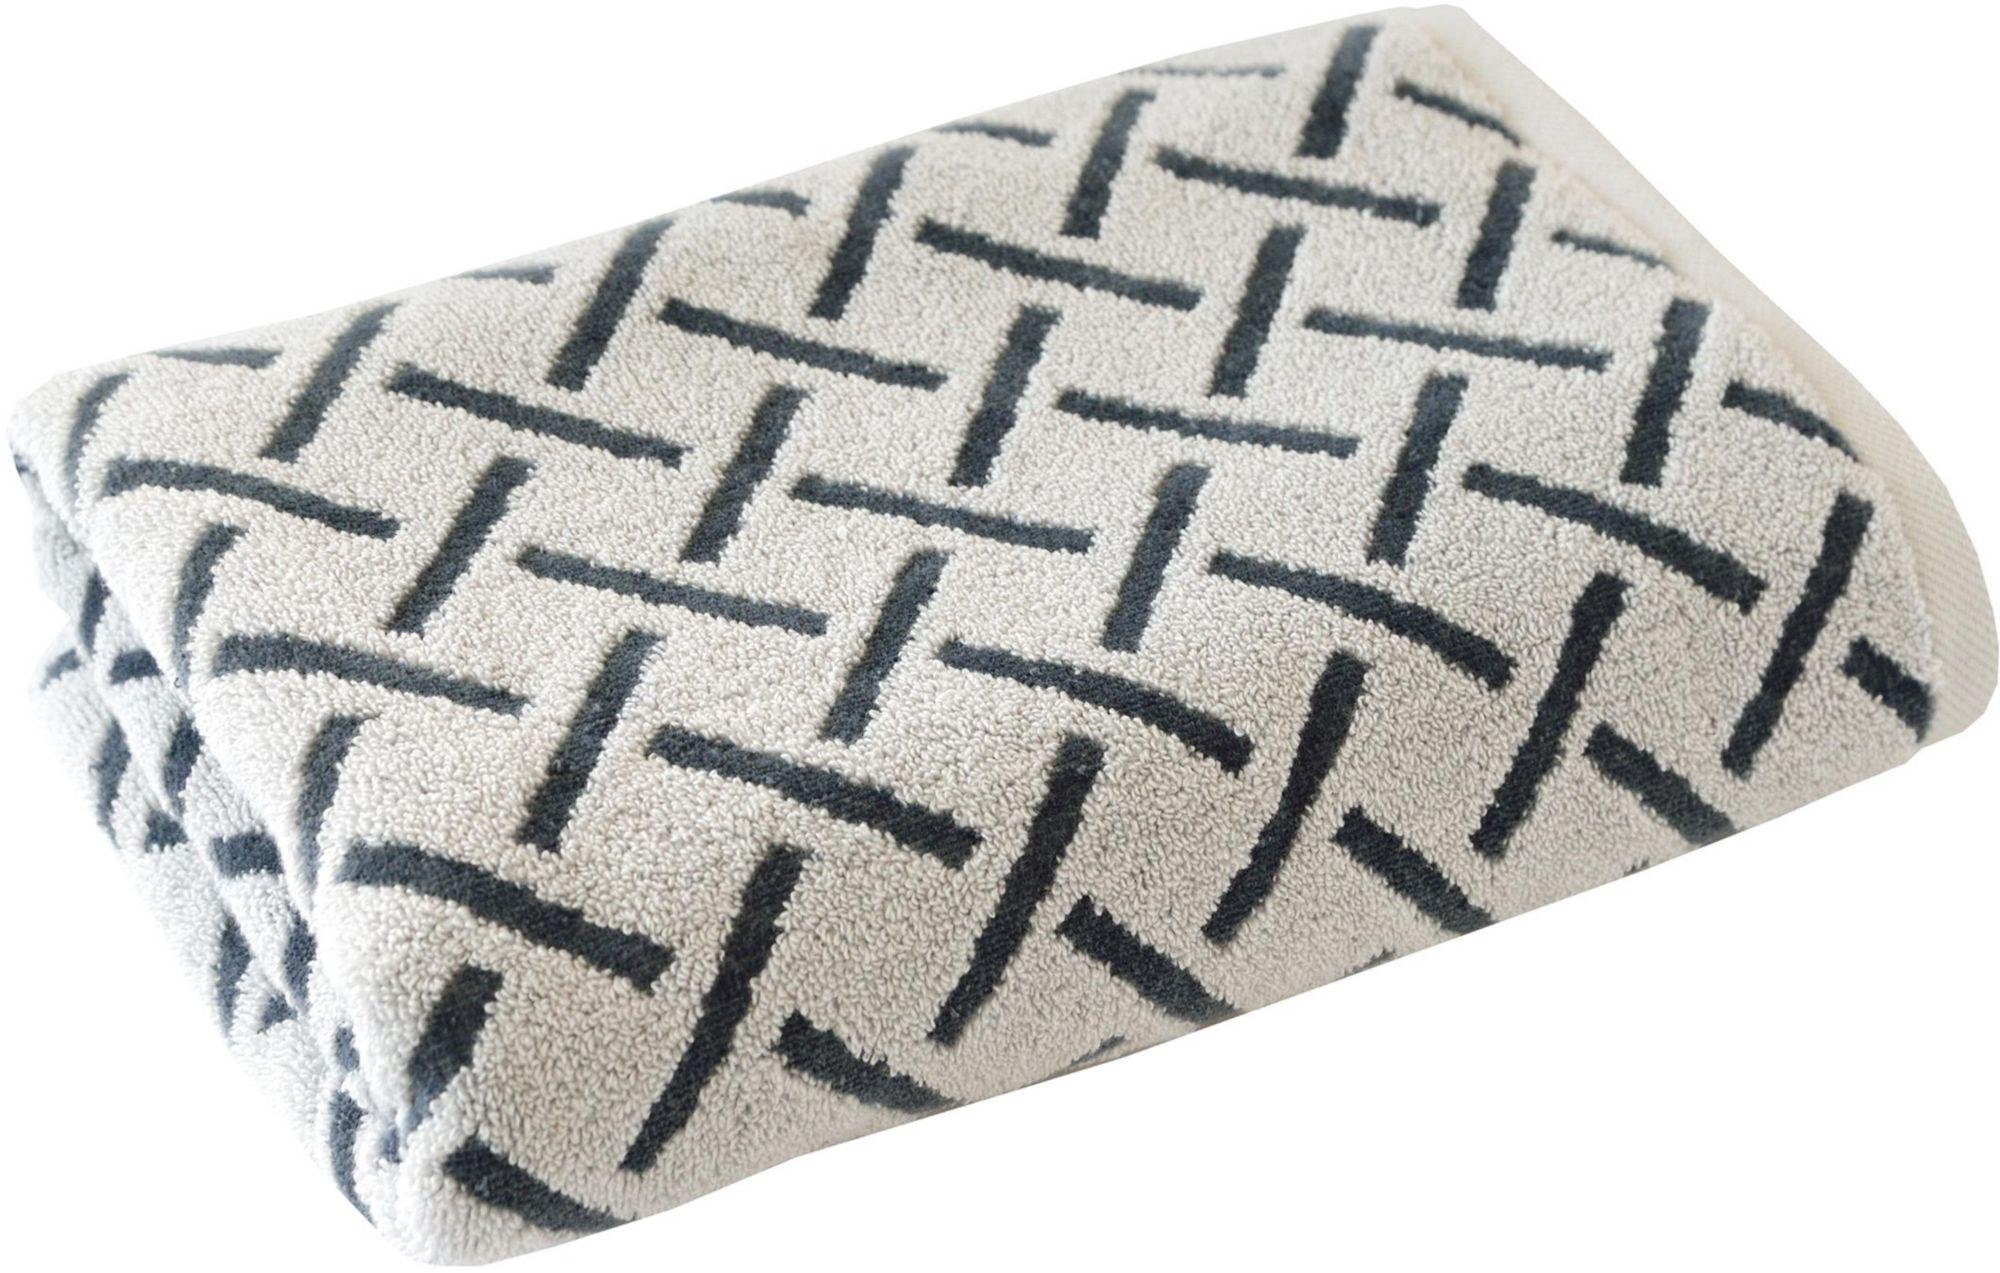 DYCKHOFF Badetuch, Dyckhoff, »Stripes«, mit Muster und Bordüre versehen